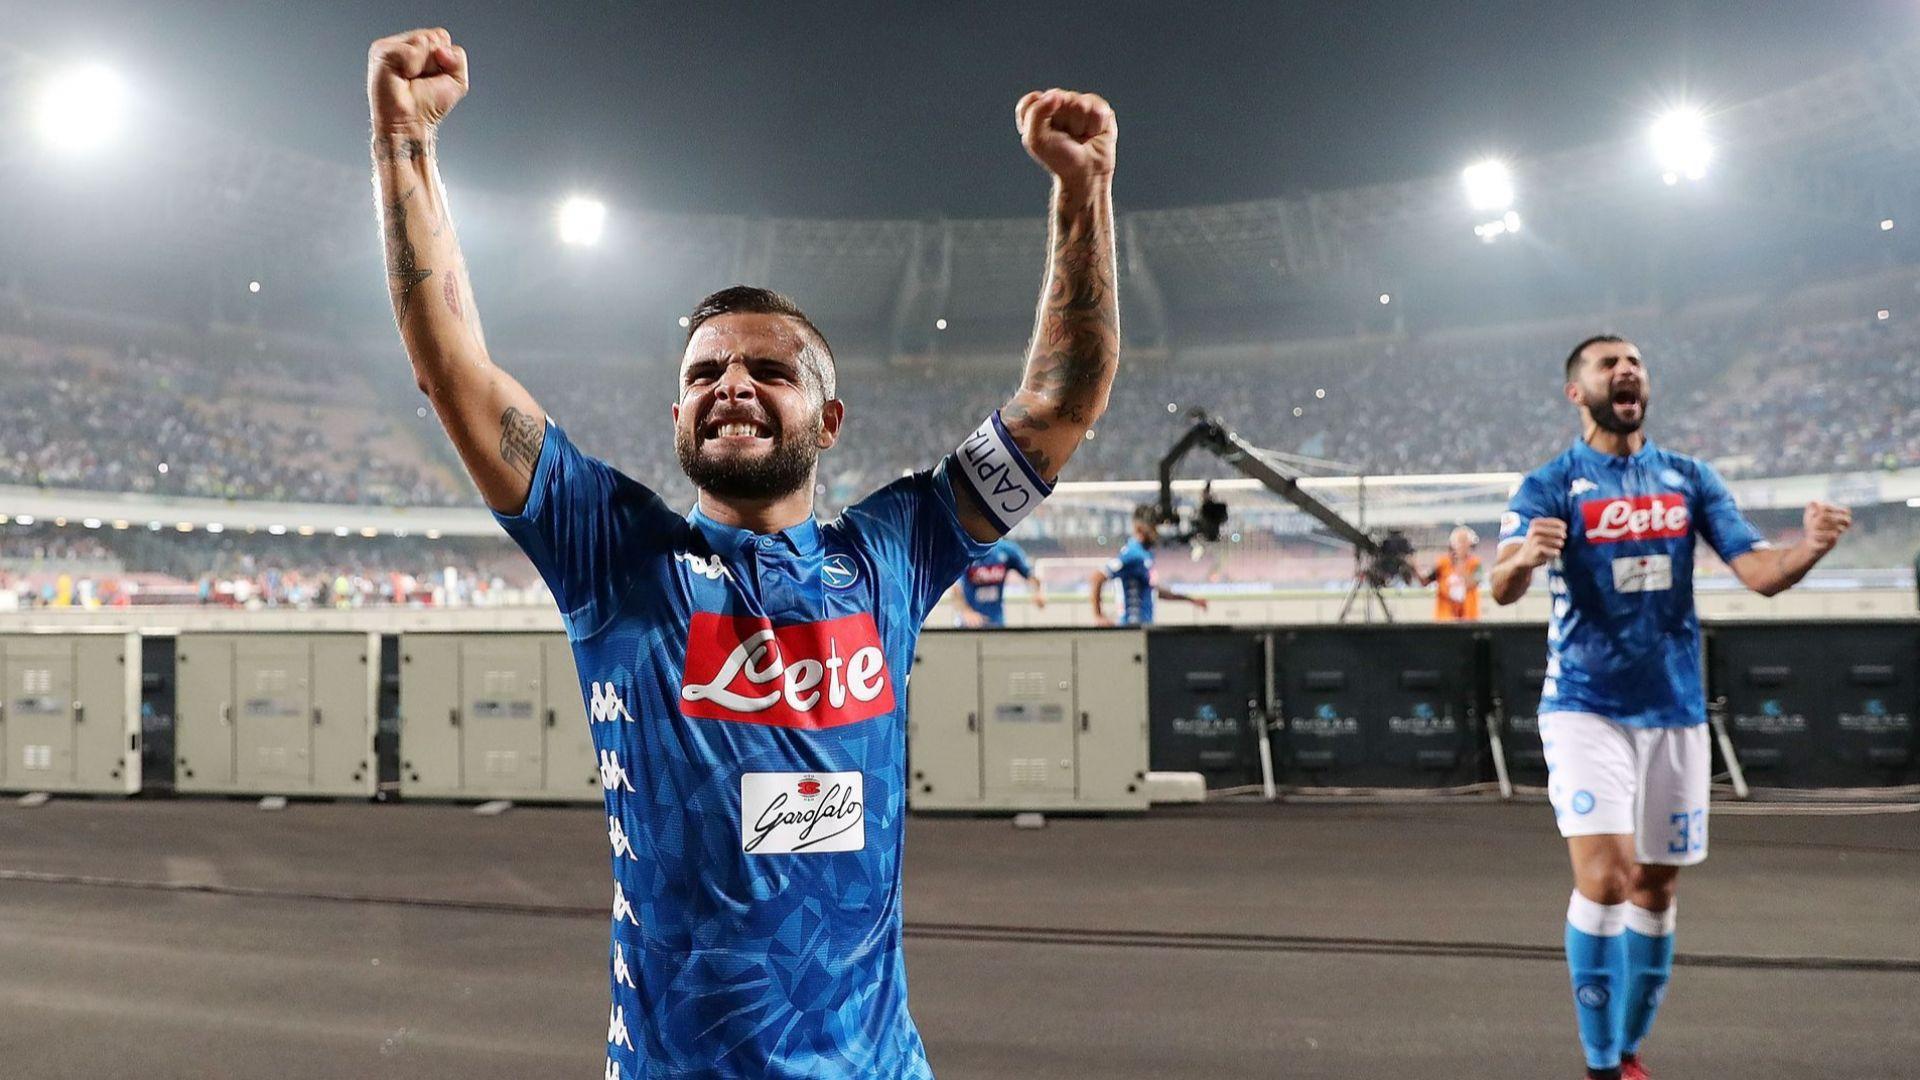 Голям спектакъл с пет гола и страхотен обрат на дербито в Неапол